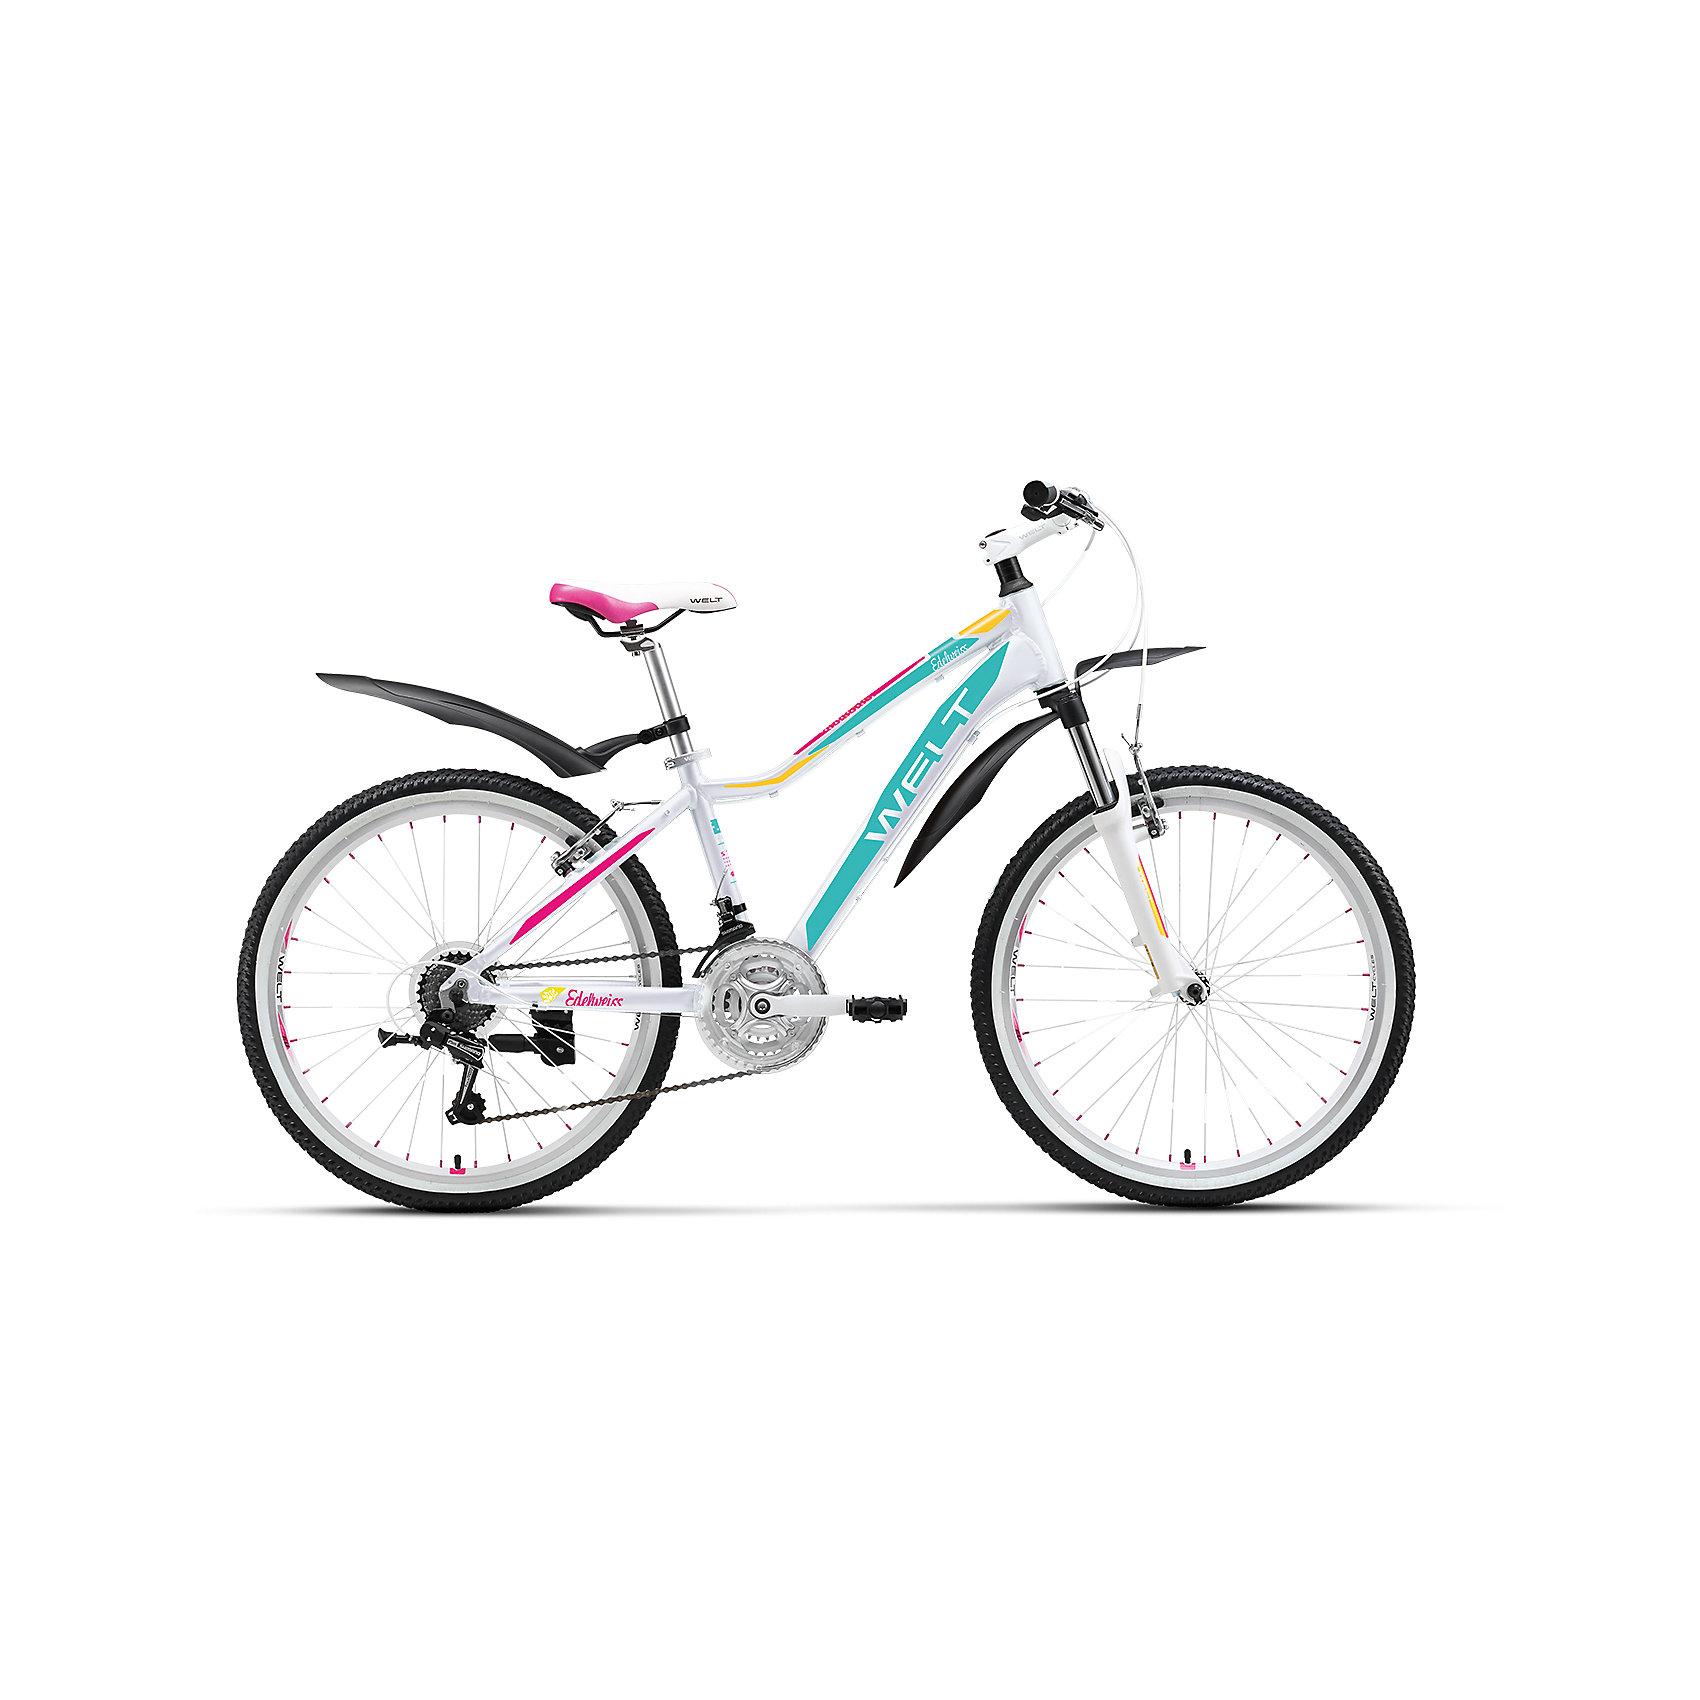 Велосипед  Edelweiss 24, бело-фиолетовый, WeltВелосипеды детские<br>Характеристики товара:<br><br>• цвет: бело-фиолетовый<br>• облегченная алюминиевая рама из труб сложного профиля <br>• амортизационная вилка<br>• 21 скоротная трансмиссия Shimano Tourney <br>• подножка и крылья в комплекте<br>• рама Alloy 6061 <br>• диаметр колес 24 <br>• тип вилки: амортизационная (WELT ES-443 Alloy 100mm)<br>• пер. переключатель Shimano TZ-30 <br>• зад. переключатель Shimano TY-21 <br>• шифтеры Shimano EF-51 <br>• тип тормозов V-brake <br>• тормоза Power 132S <br>• система 42/34/24 T 152mm <br>• каретка sealed cartridge <br>• кассета FW-217B 14-28Т <br>• вынос alloy, A-Head, 80mm Руль alloy low rise Ф25,4 600mm <br>• ободья alloy, double wall <br>• покрышки Wanda Р1197 24х1,95 <br>• втулки YS w/QR <br>• подседельный штырь alloy Ф27,2 300mm <br>• цепь KMC Z33<br><br>Подростковая женская модель, которая не оставит равнодушными юных леди. В ней сочетаются спортивный стиль и дизайнерские элементы, ничем не уступающие взрослым моделям. <br><br>Современность, мода, комплектация, аналогичная базовым моделям взрослых горных велосипедов соединены здесь в единое целое. <br><br>Велосипед  Edelweiss 24, бело-фиолетовый, Welt можно купить в нашем интернет-магазине.<br><br>Ширина мм: 1450<br>Глубина мм: 200<br>Высота мм: 800<br>Вес г: 16500<br>Возраст от месяцев: 108<br>Возраст до месяцев: 168<br>Пол: Женский<br>Возраст: Детский<br>SKU: 5569441